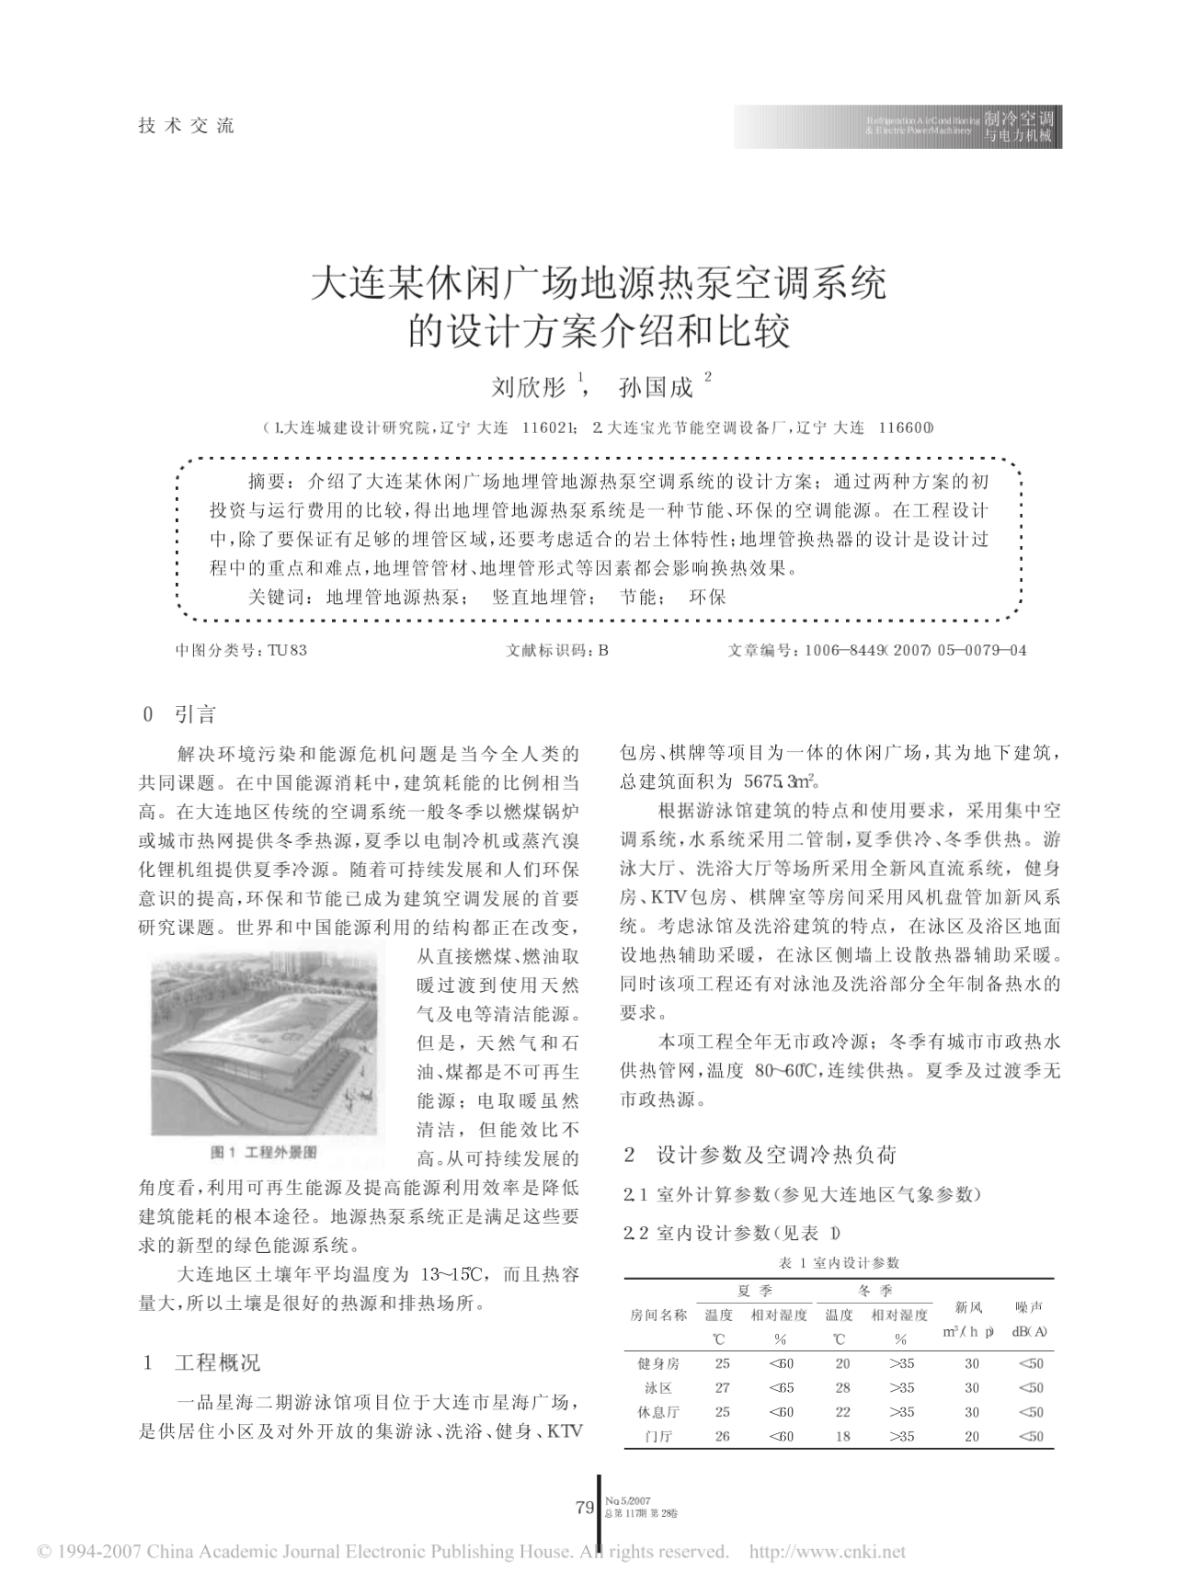 大连某休闲广场地源热泵空调系统的设计方案介绍和比较-图二